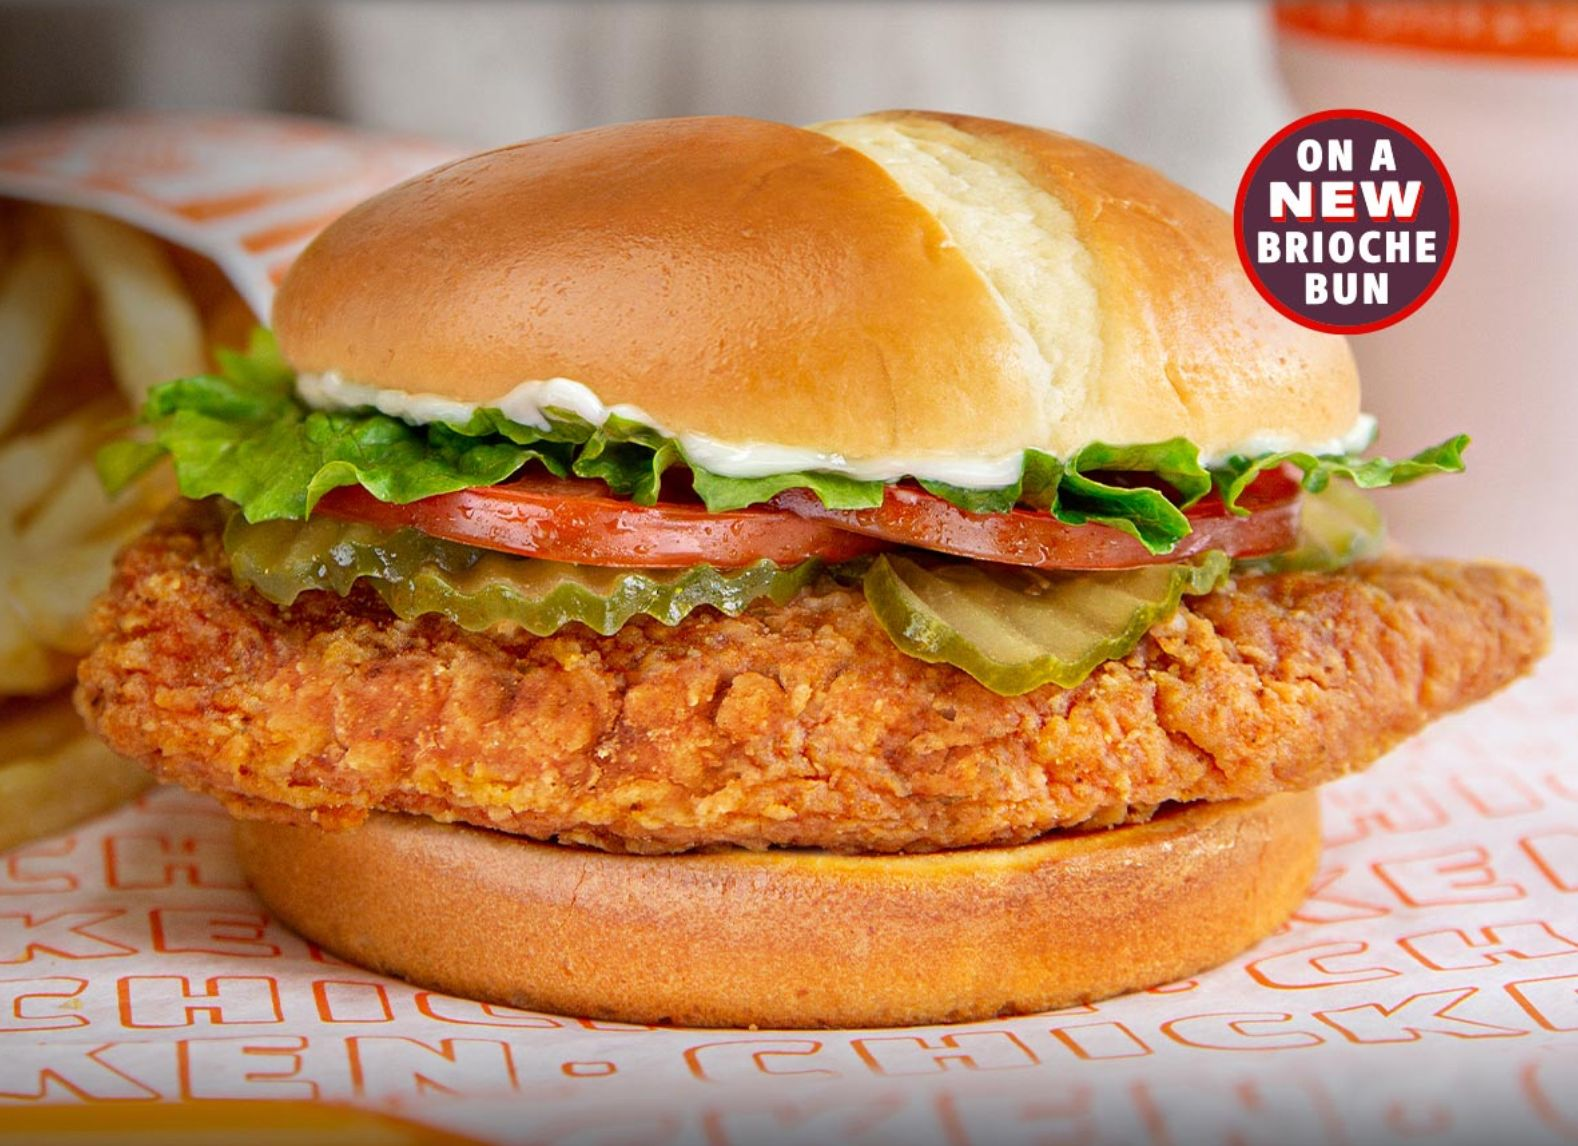 Whataburger Updates their New Spicy Chicken Sandwich with a Brioche Bun